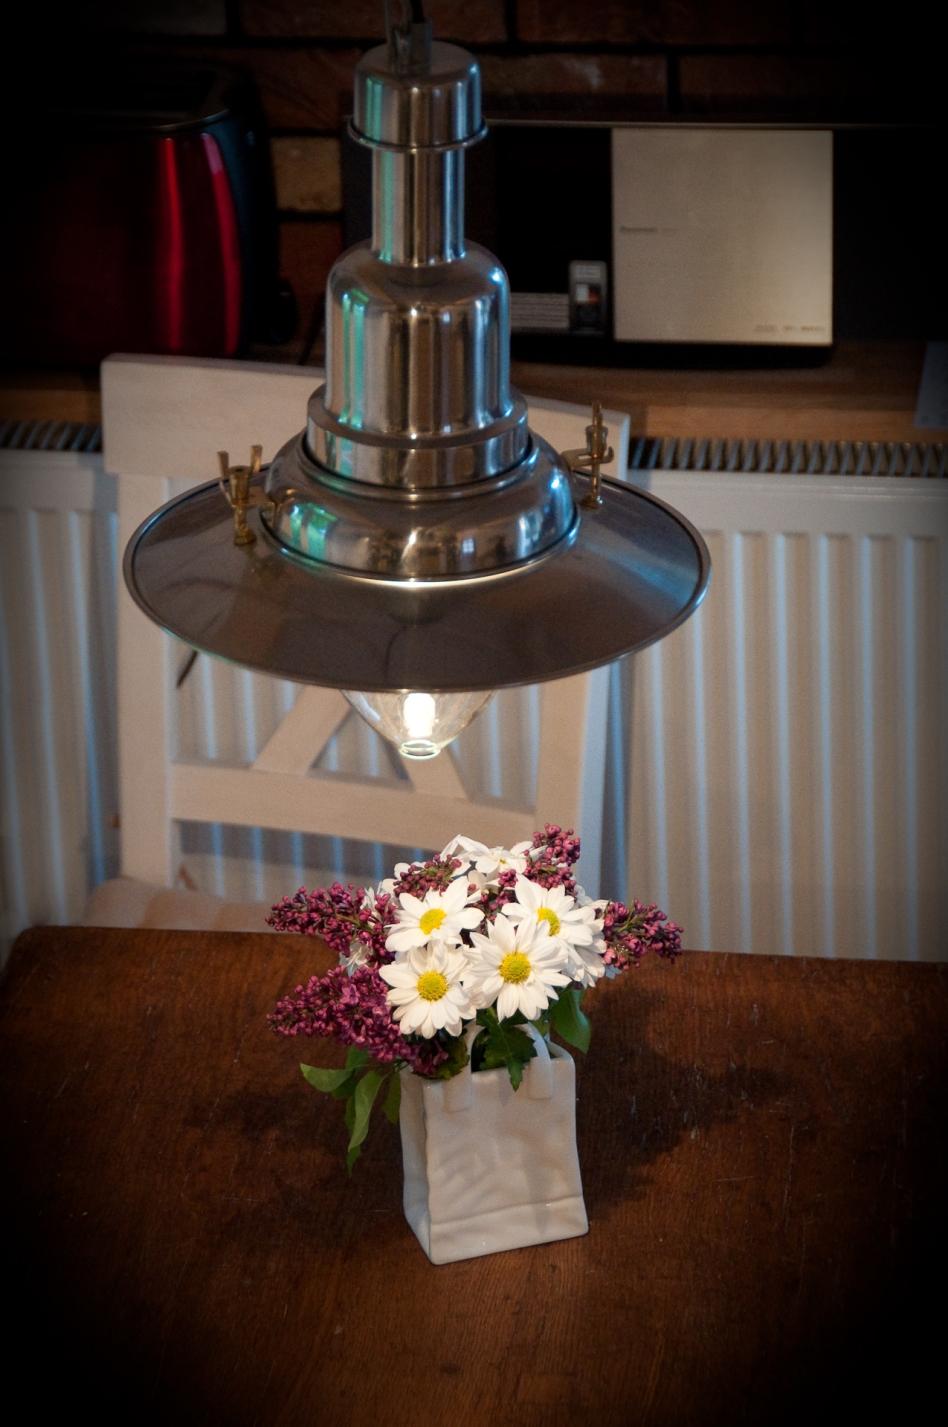 lampa blomma